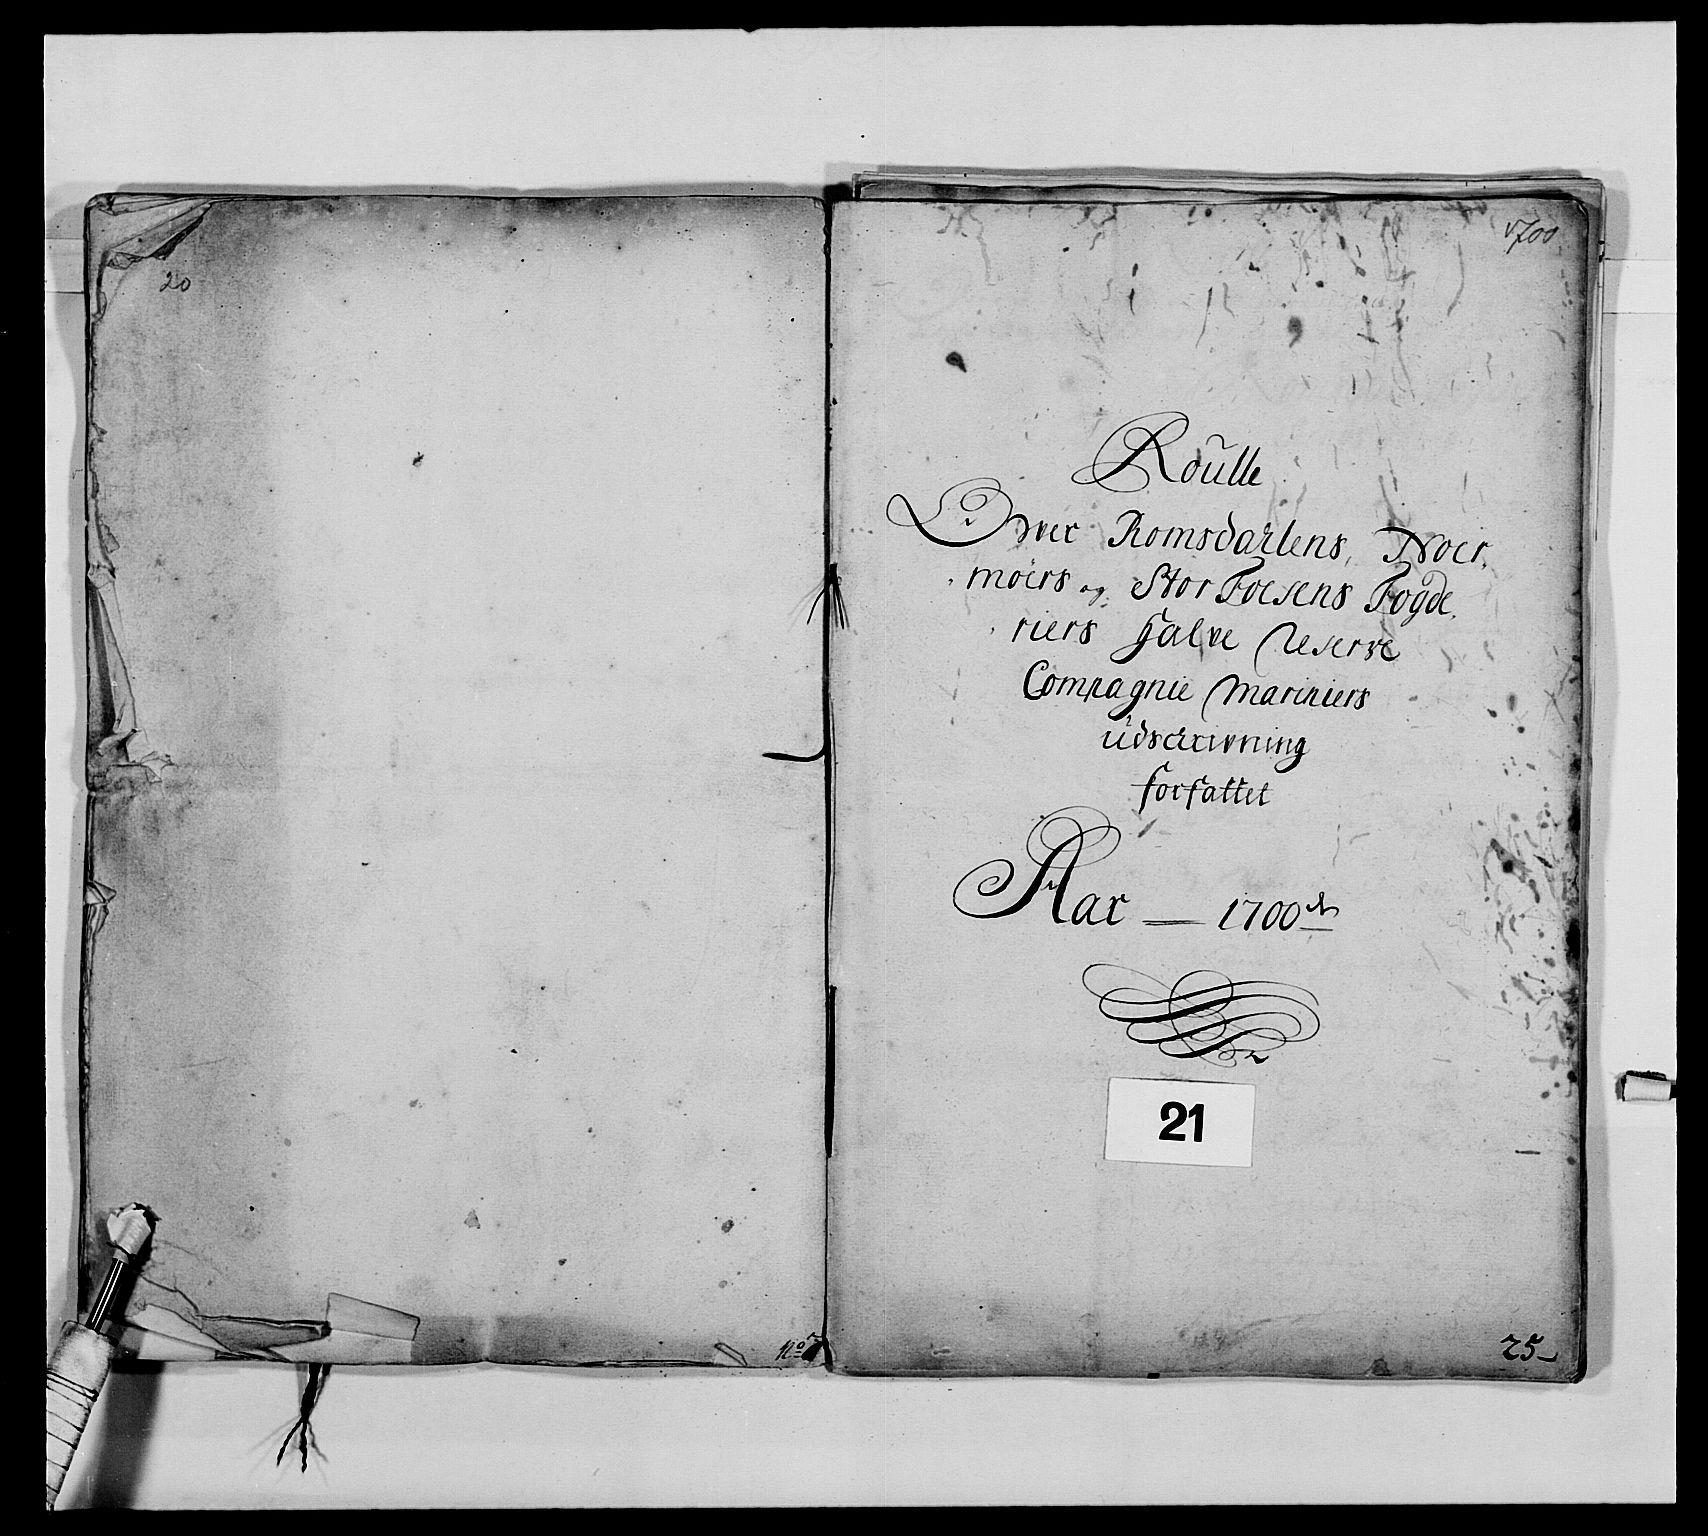 RA, Kommanderende general (KG I) med Det norske krigsdirektorium, E/Ea/L0473: Marineregimentet, 1664-1700, s. 262